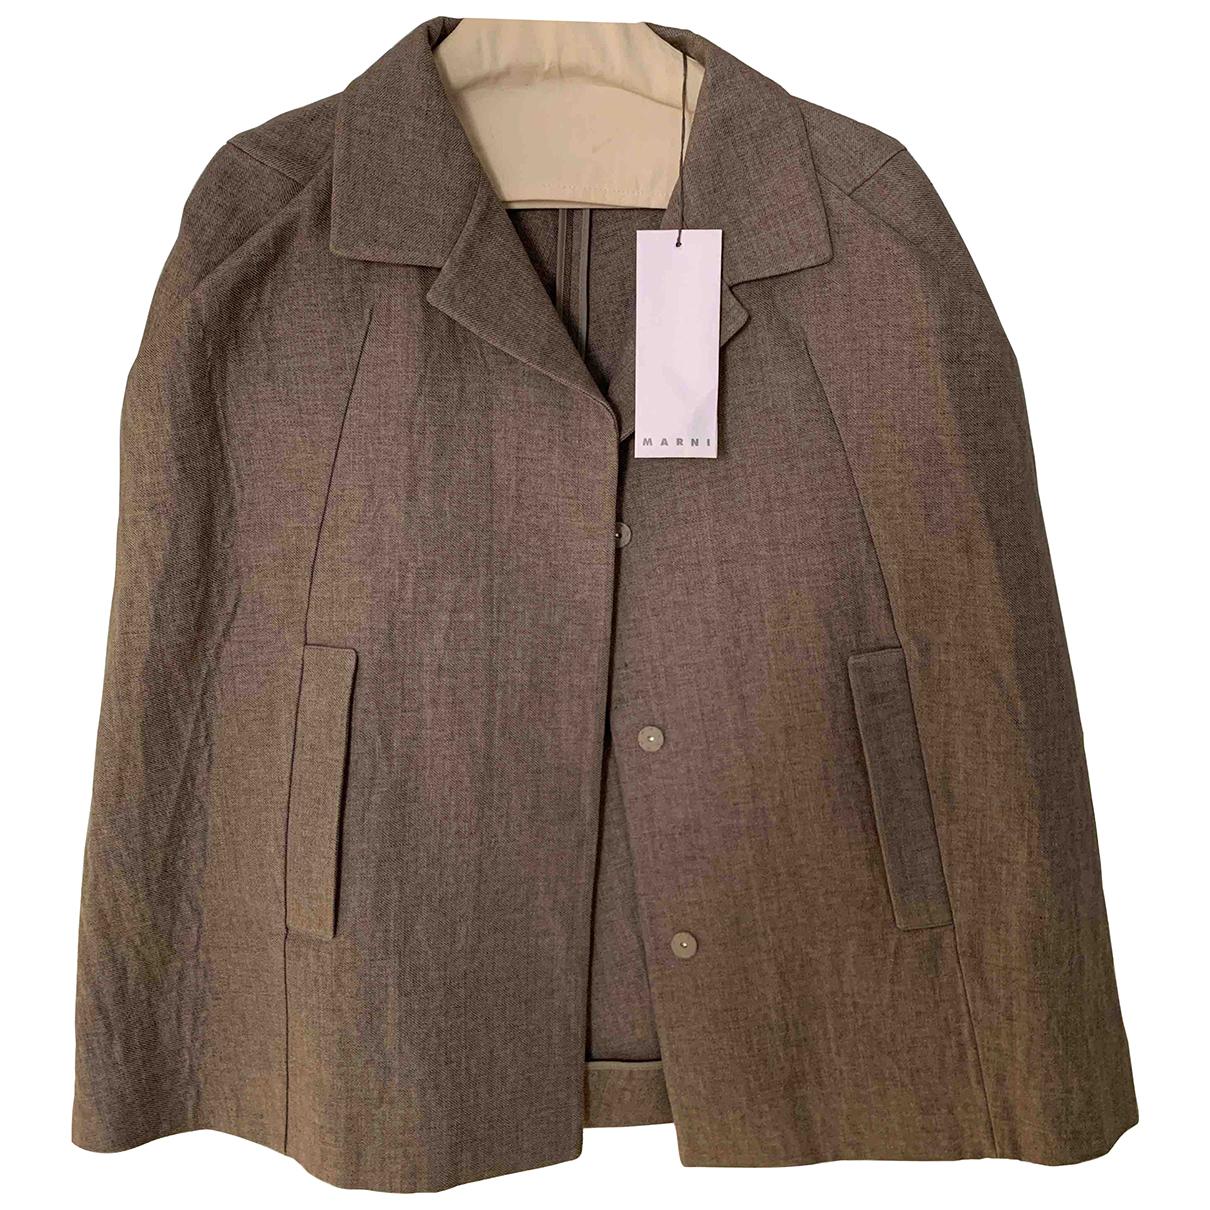 Marni N Brown Linen jacket for Women 40 IT